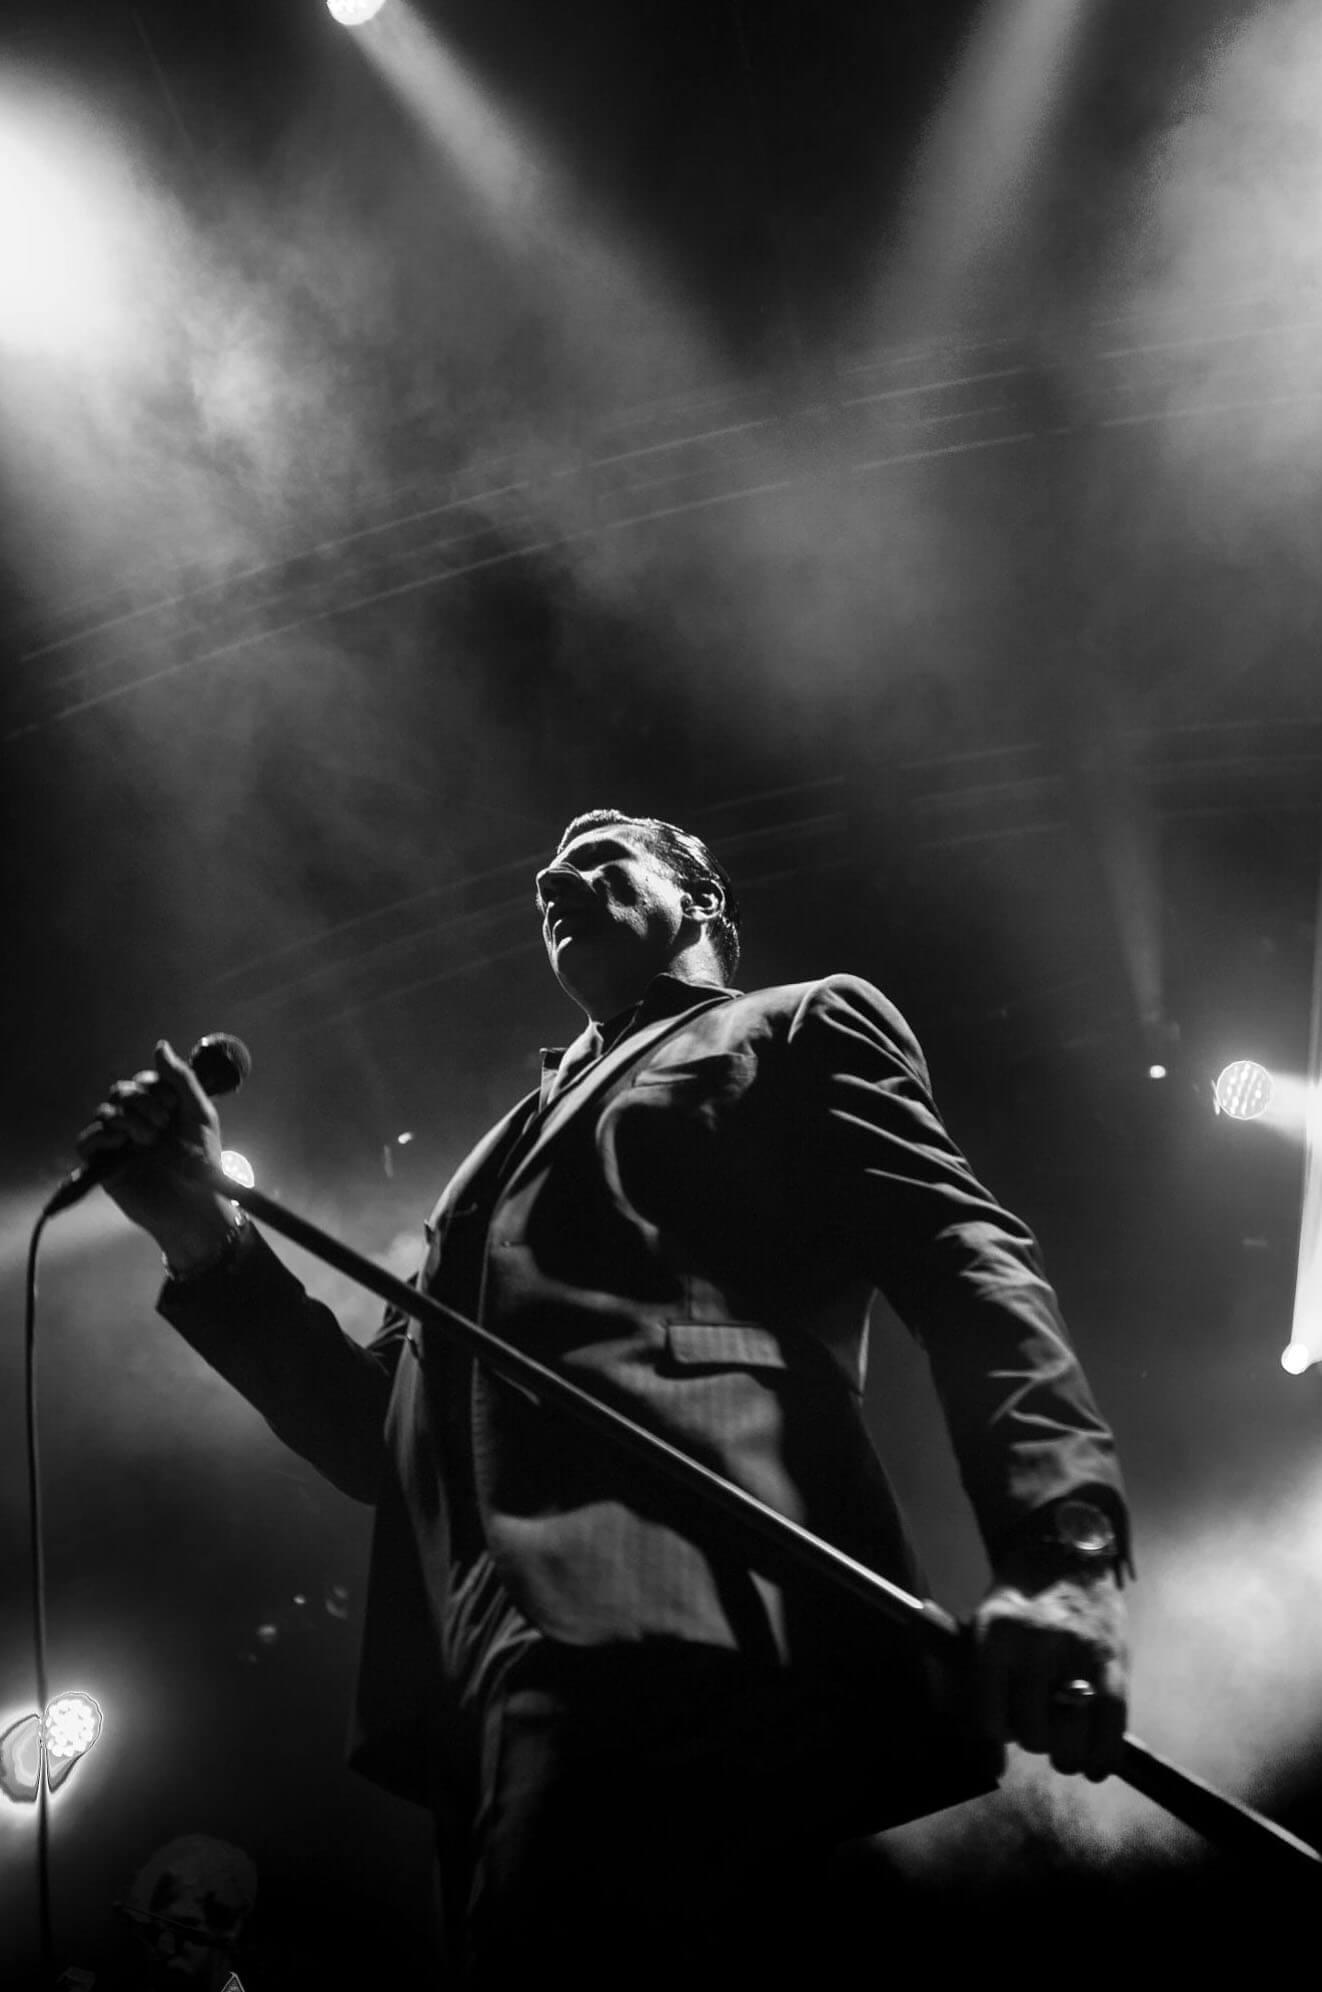 RM - Ricardo Moreira - Photo